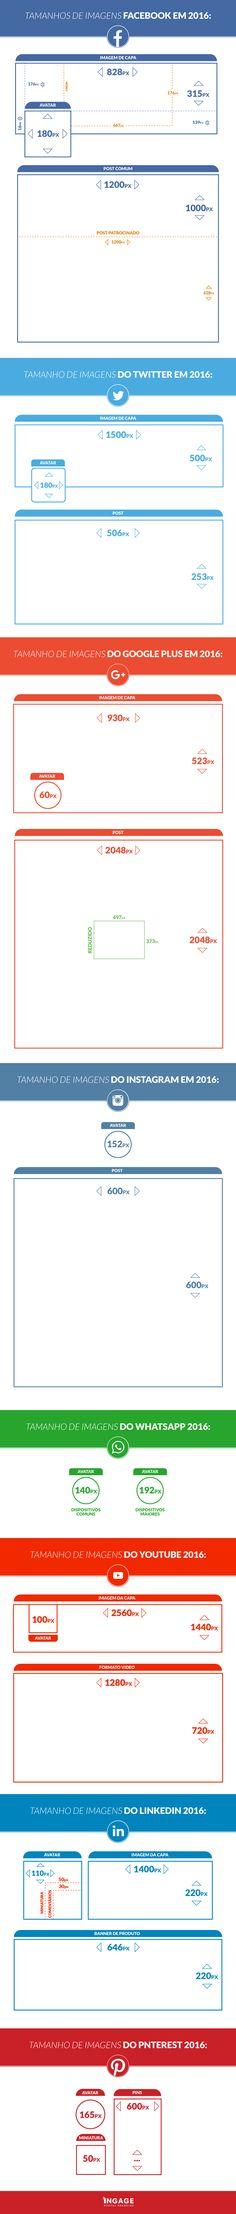 cms/files/2207/1480969739infografico-tamanhos-redes-sociais-2016.png (1156×10846)